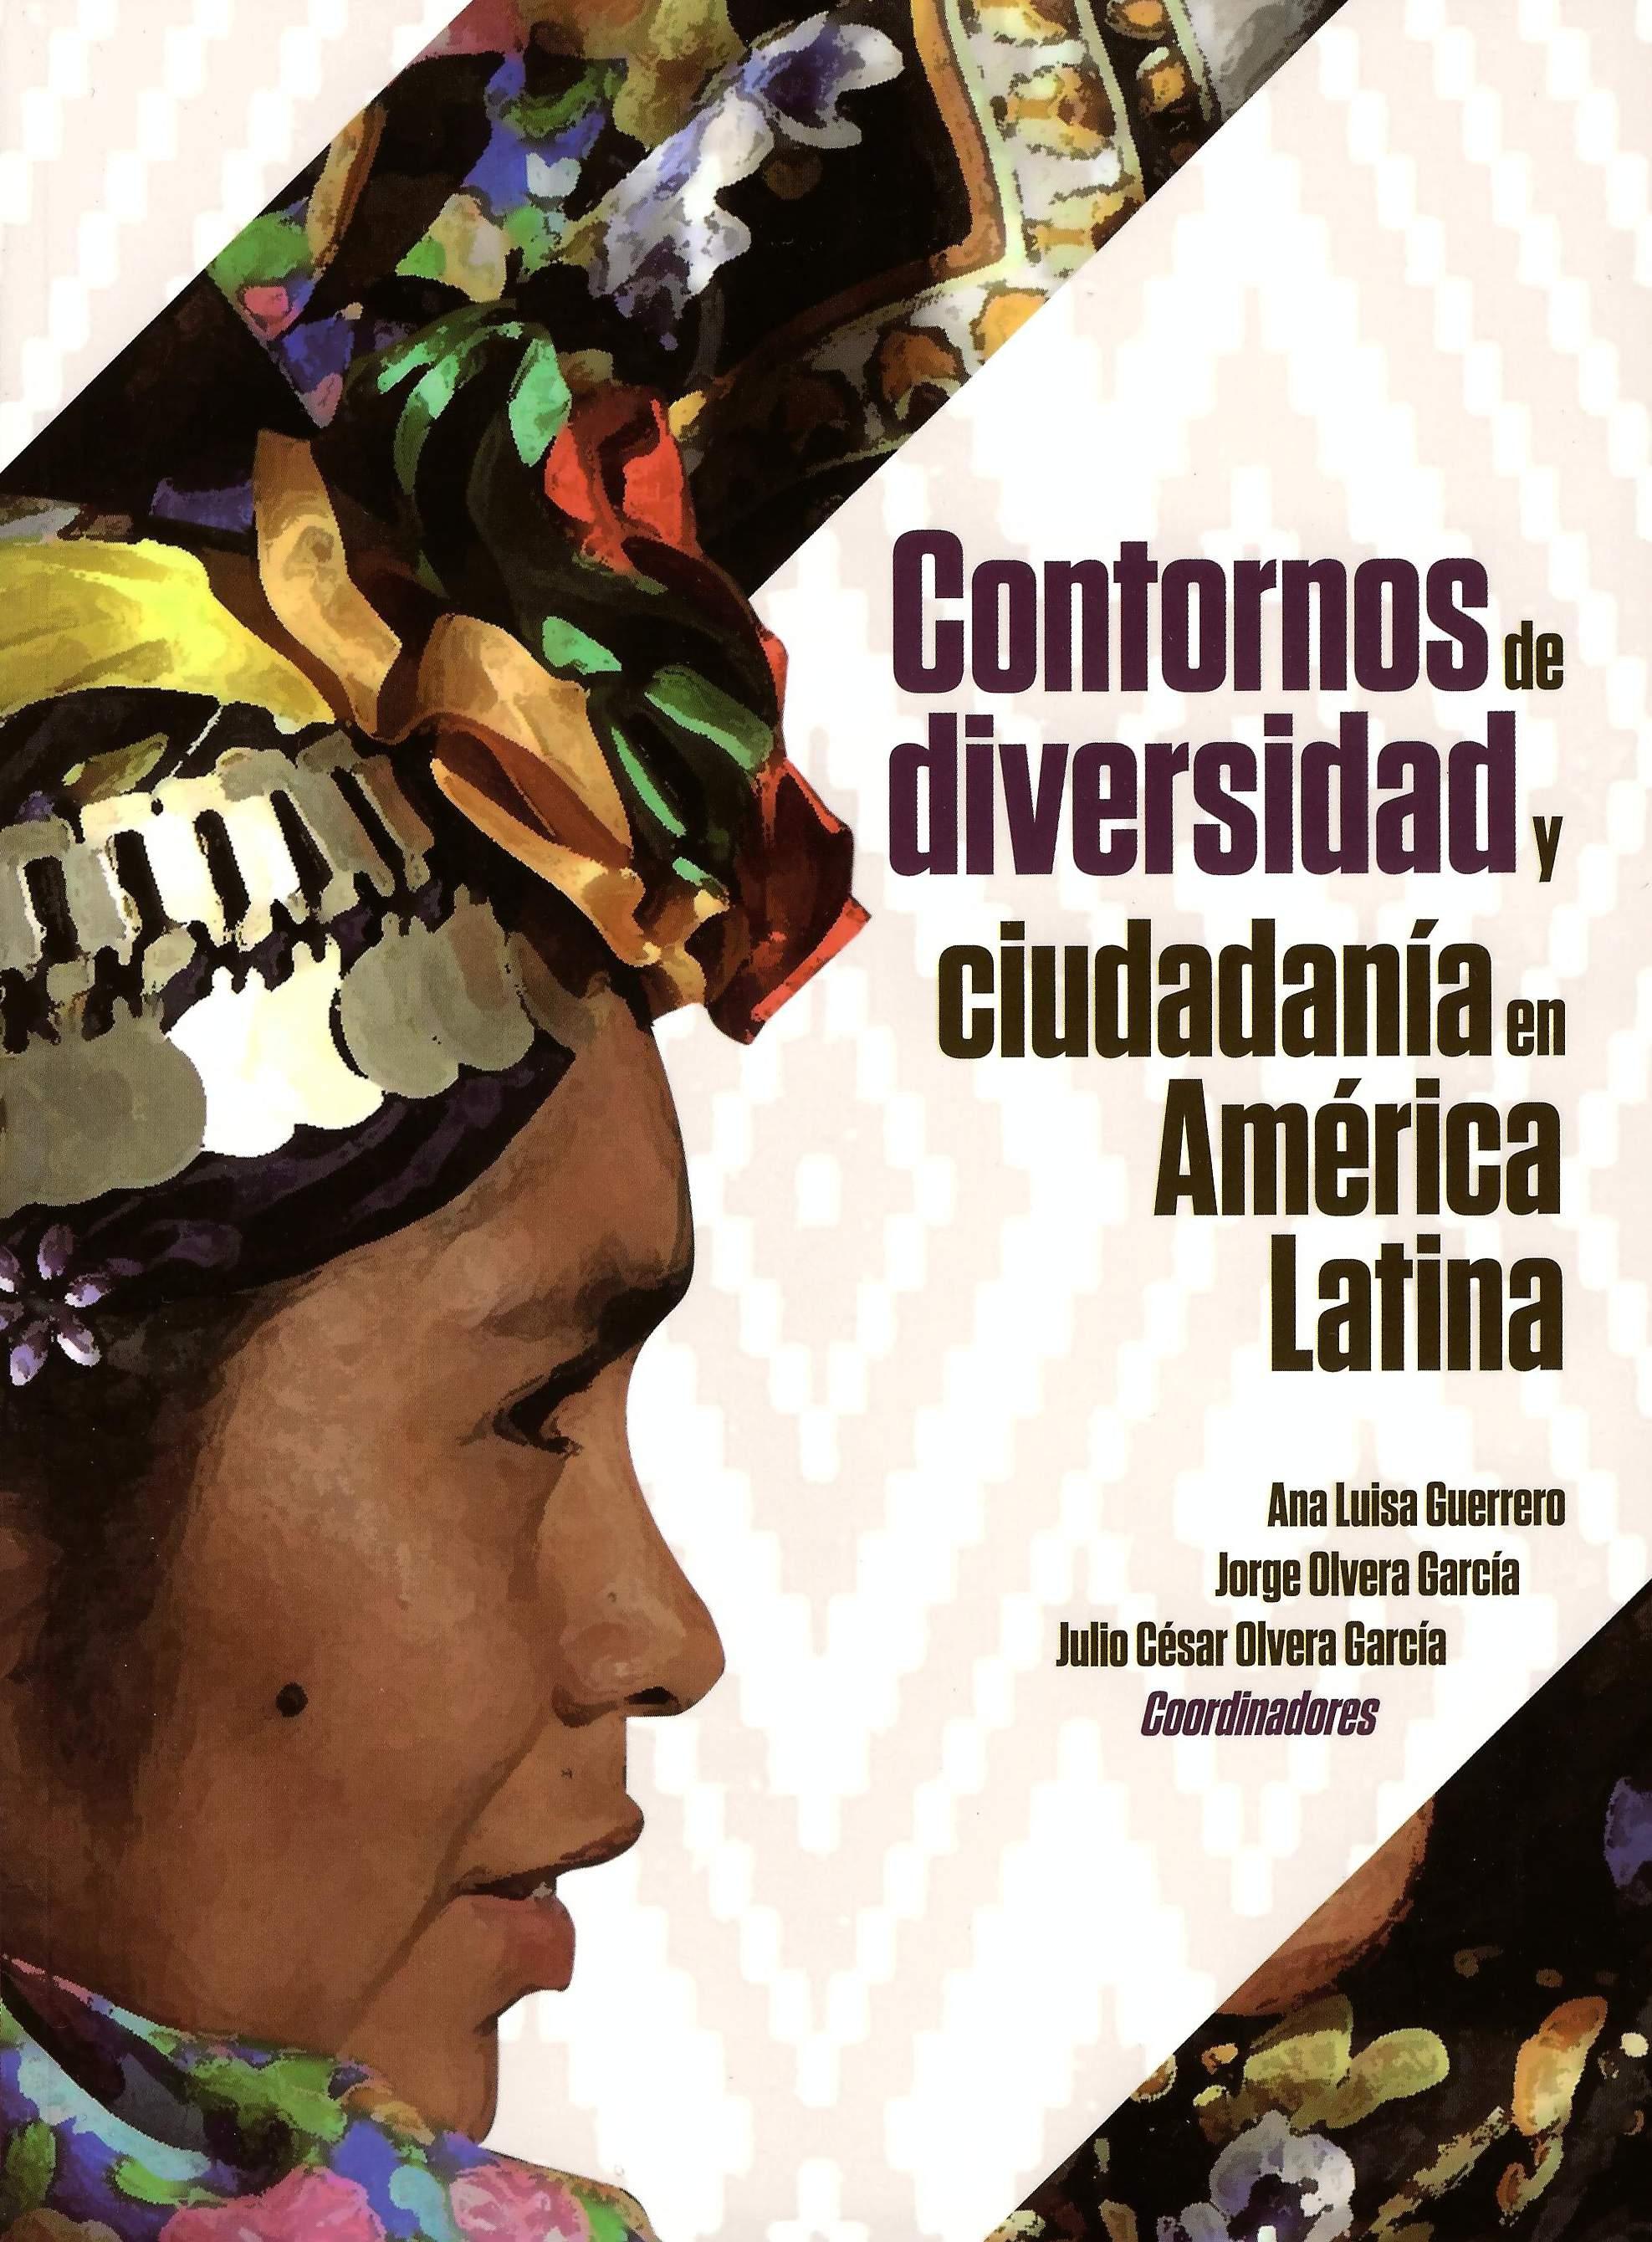 Contornos de diversidad y ciudadanía en América Latina